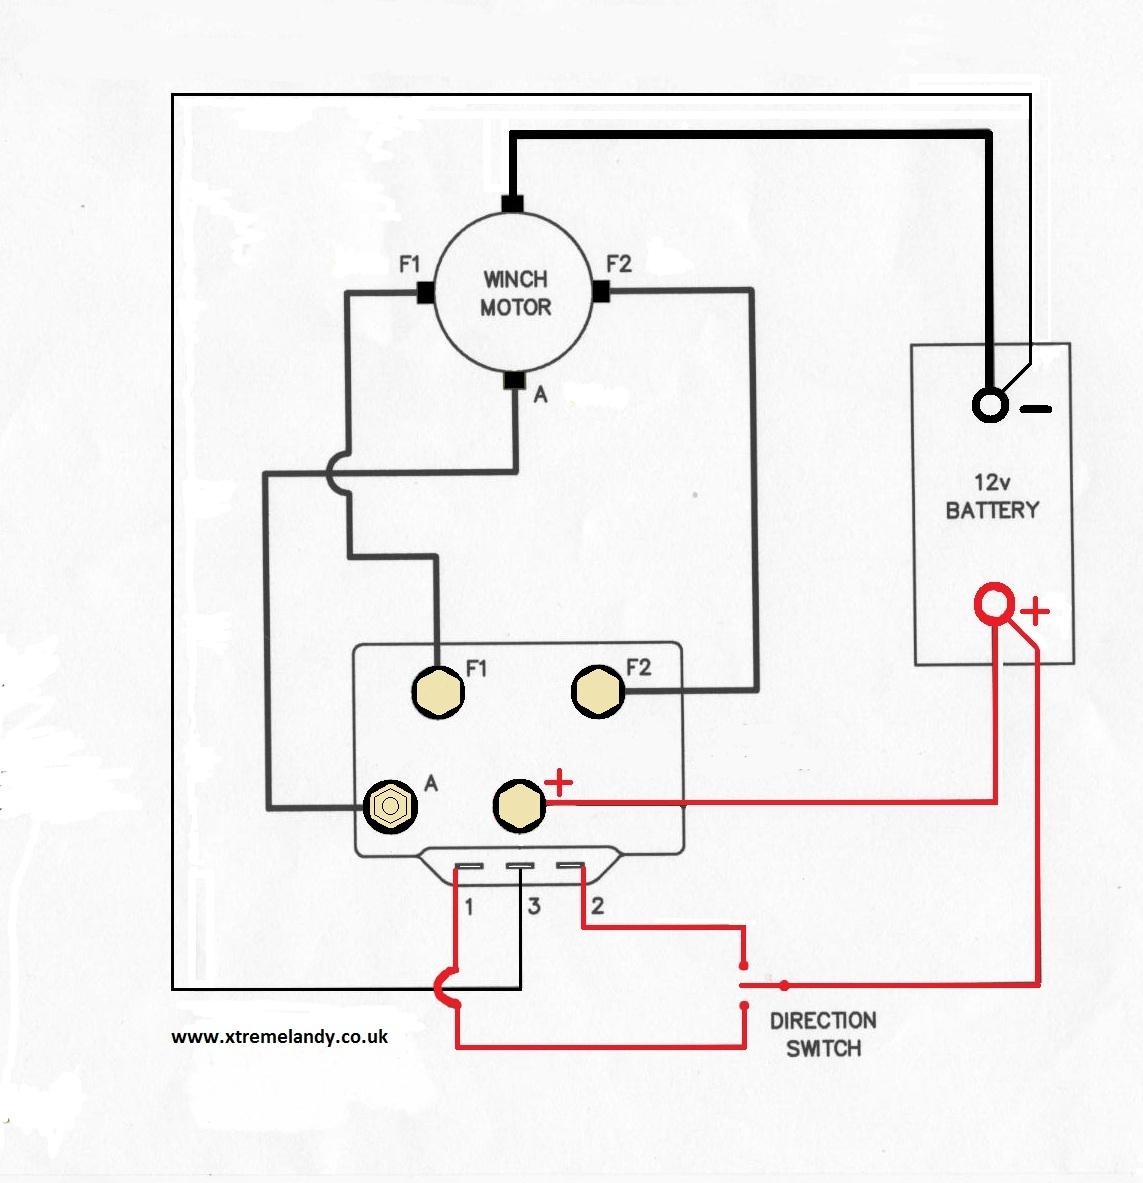 warn winch wiring diagram 2002 subaru wrx ecu remote get free image